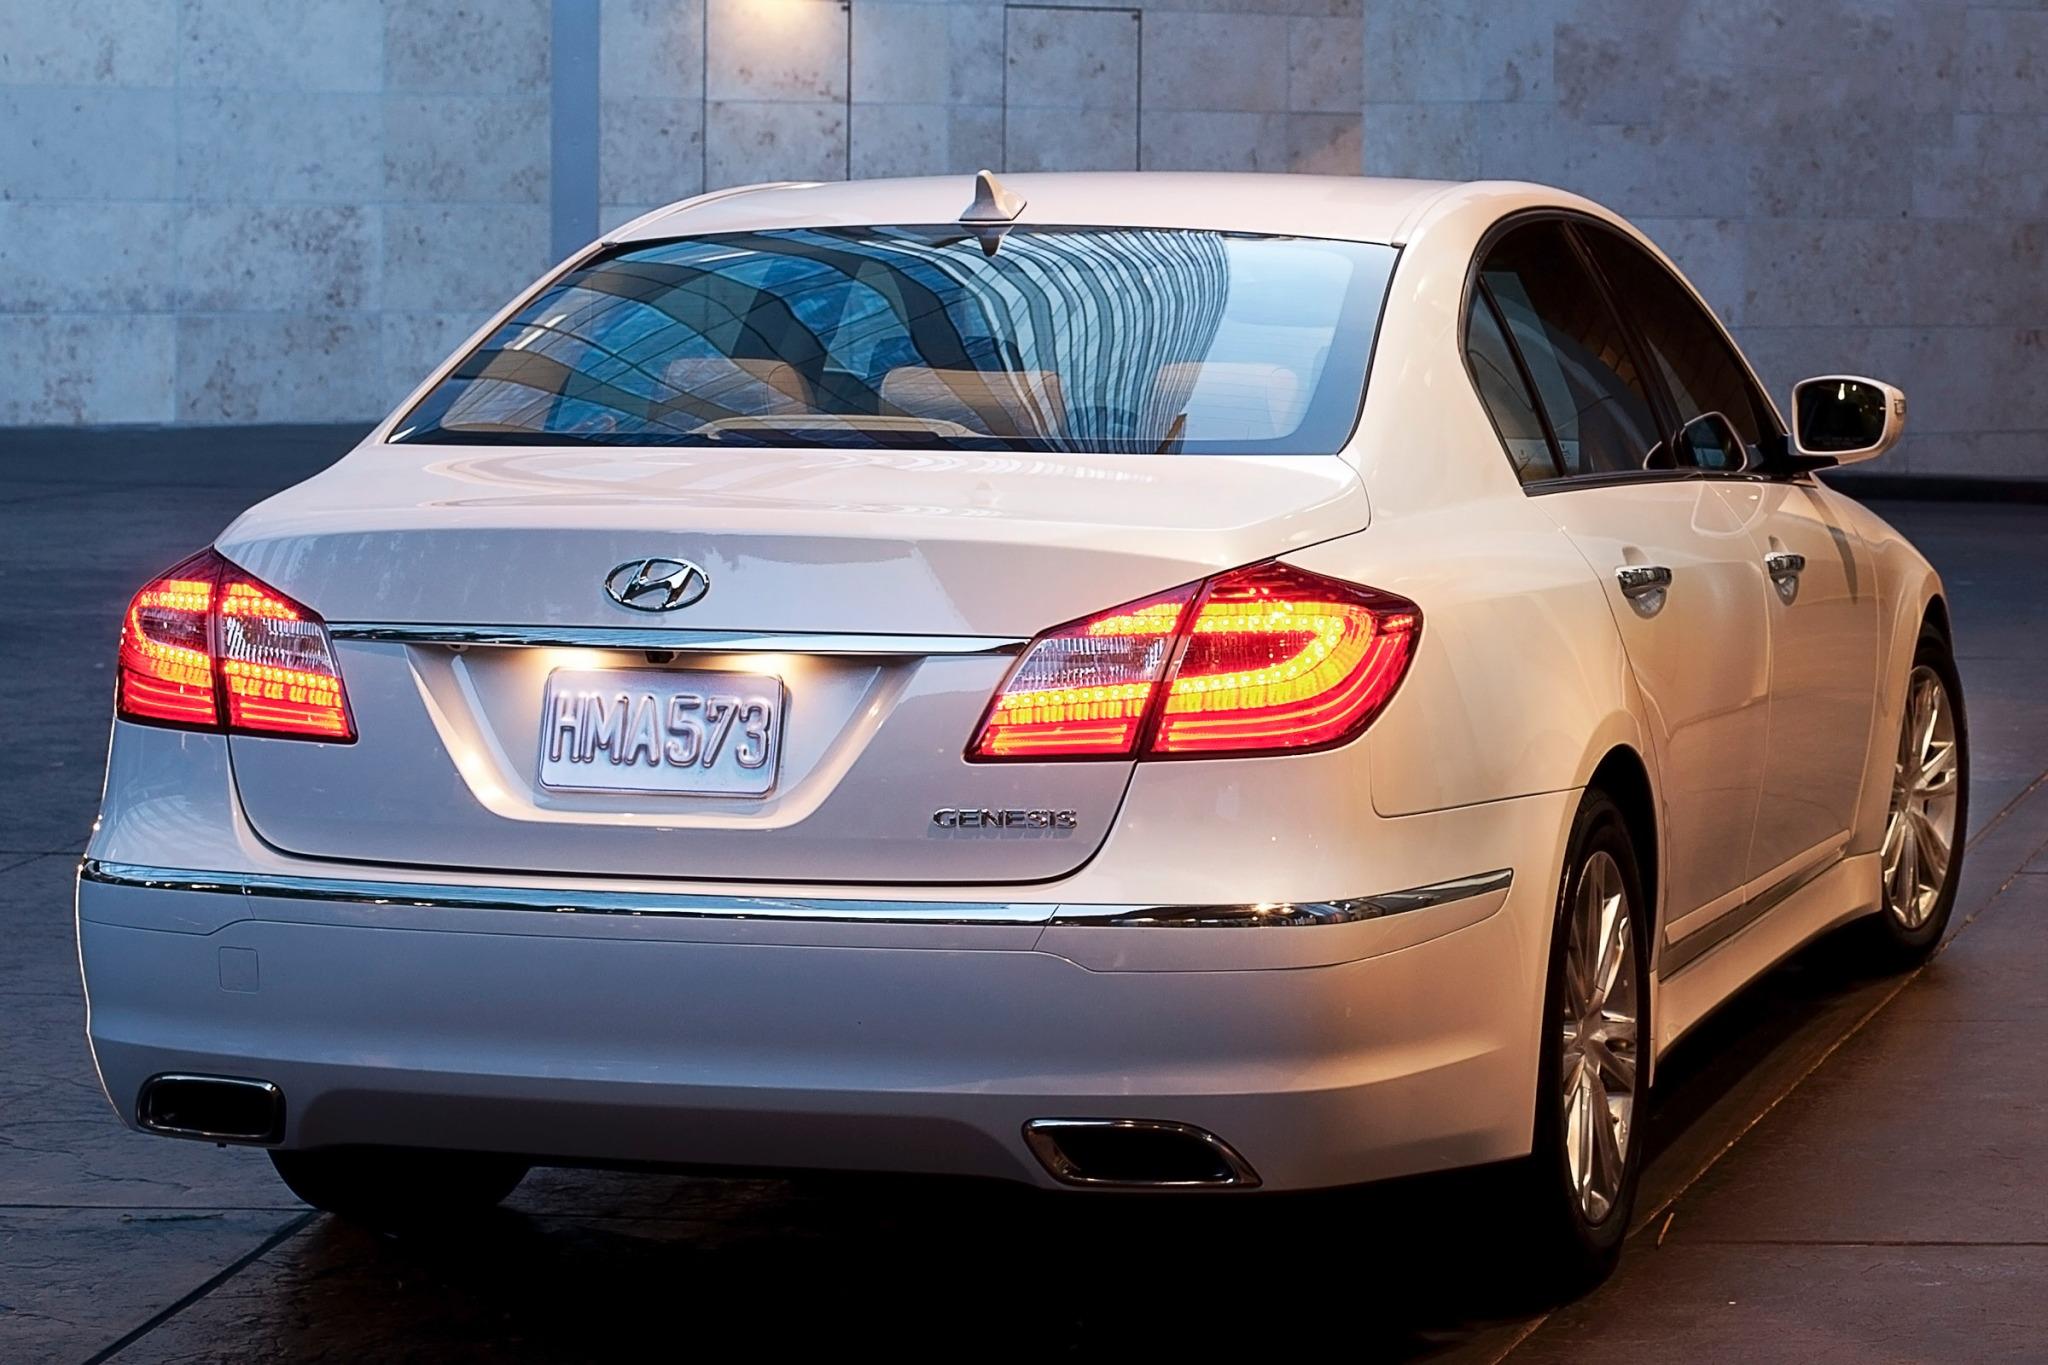 2014 Hyundai Genesis Image 8